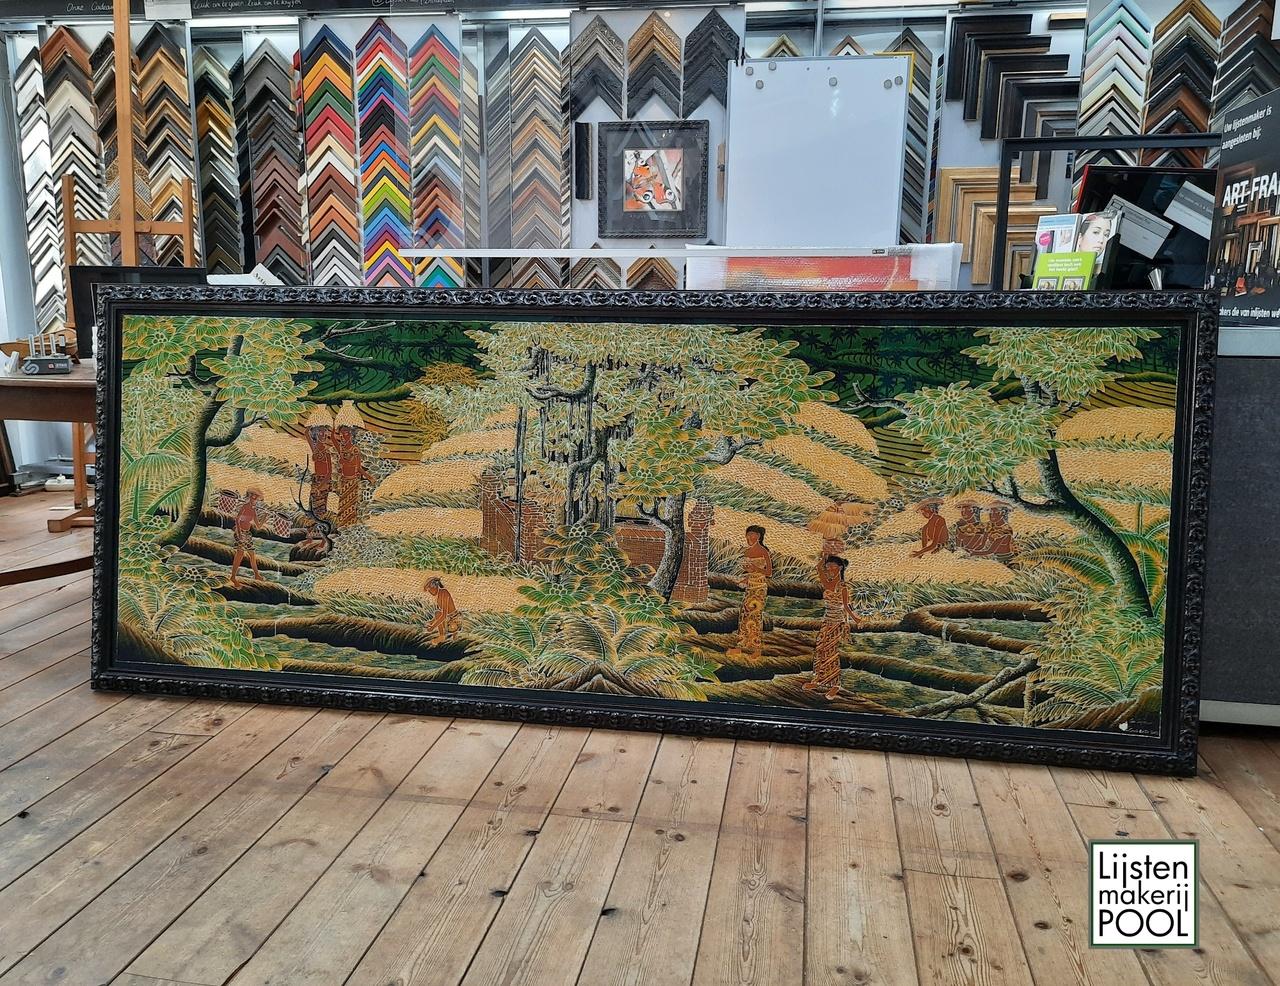 Batik van 250 x 100cm. Ingelijst in handgekleurde lijst uit eigen atelier.  Optium acrylaat er voor ter bescherming